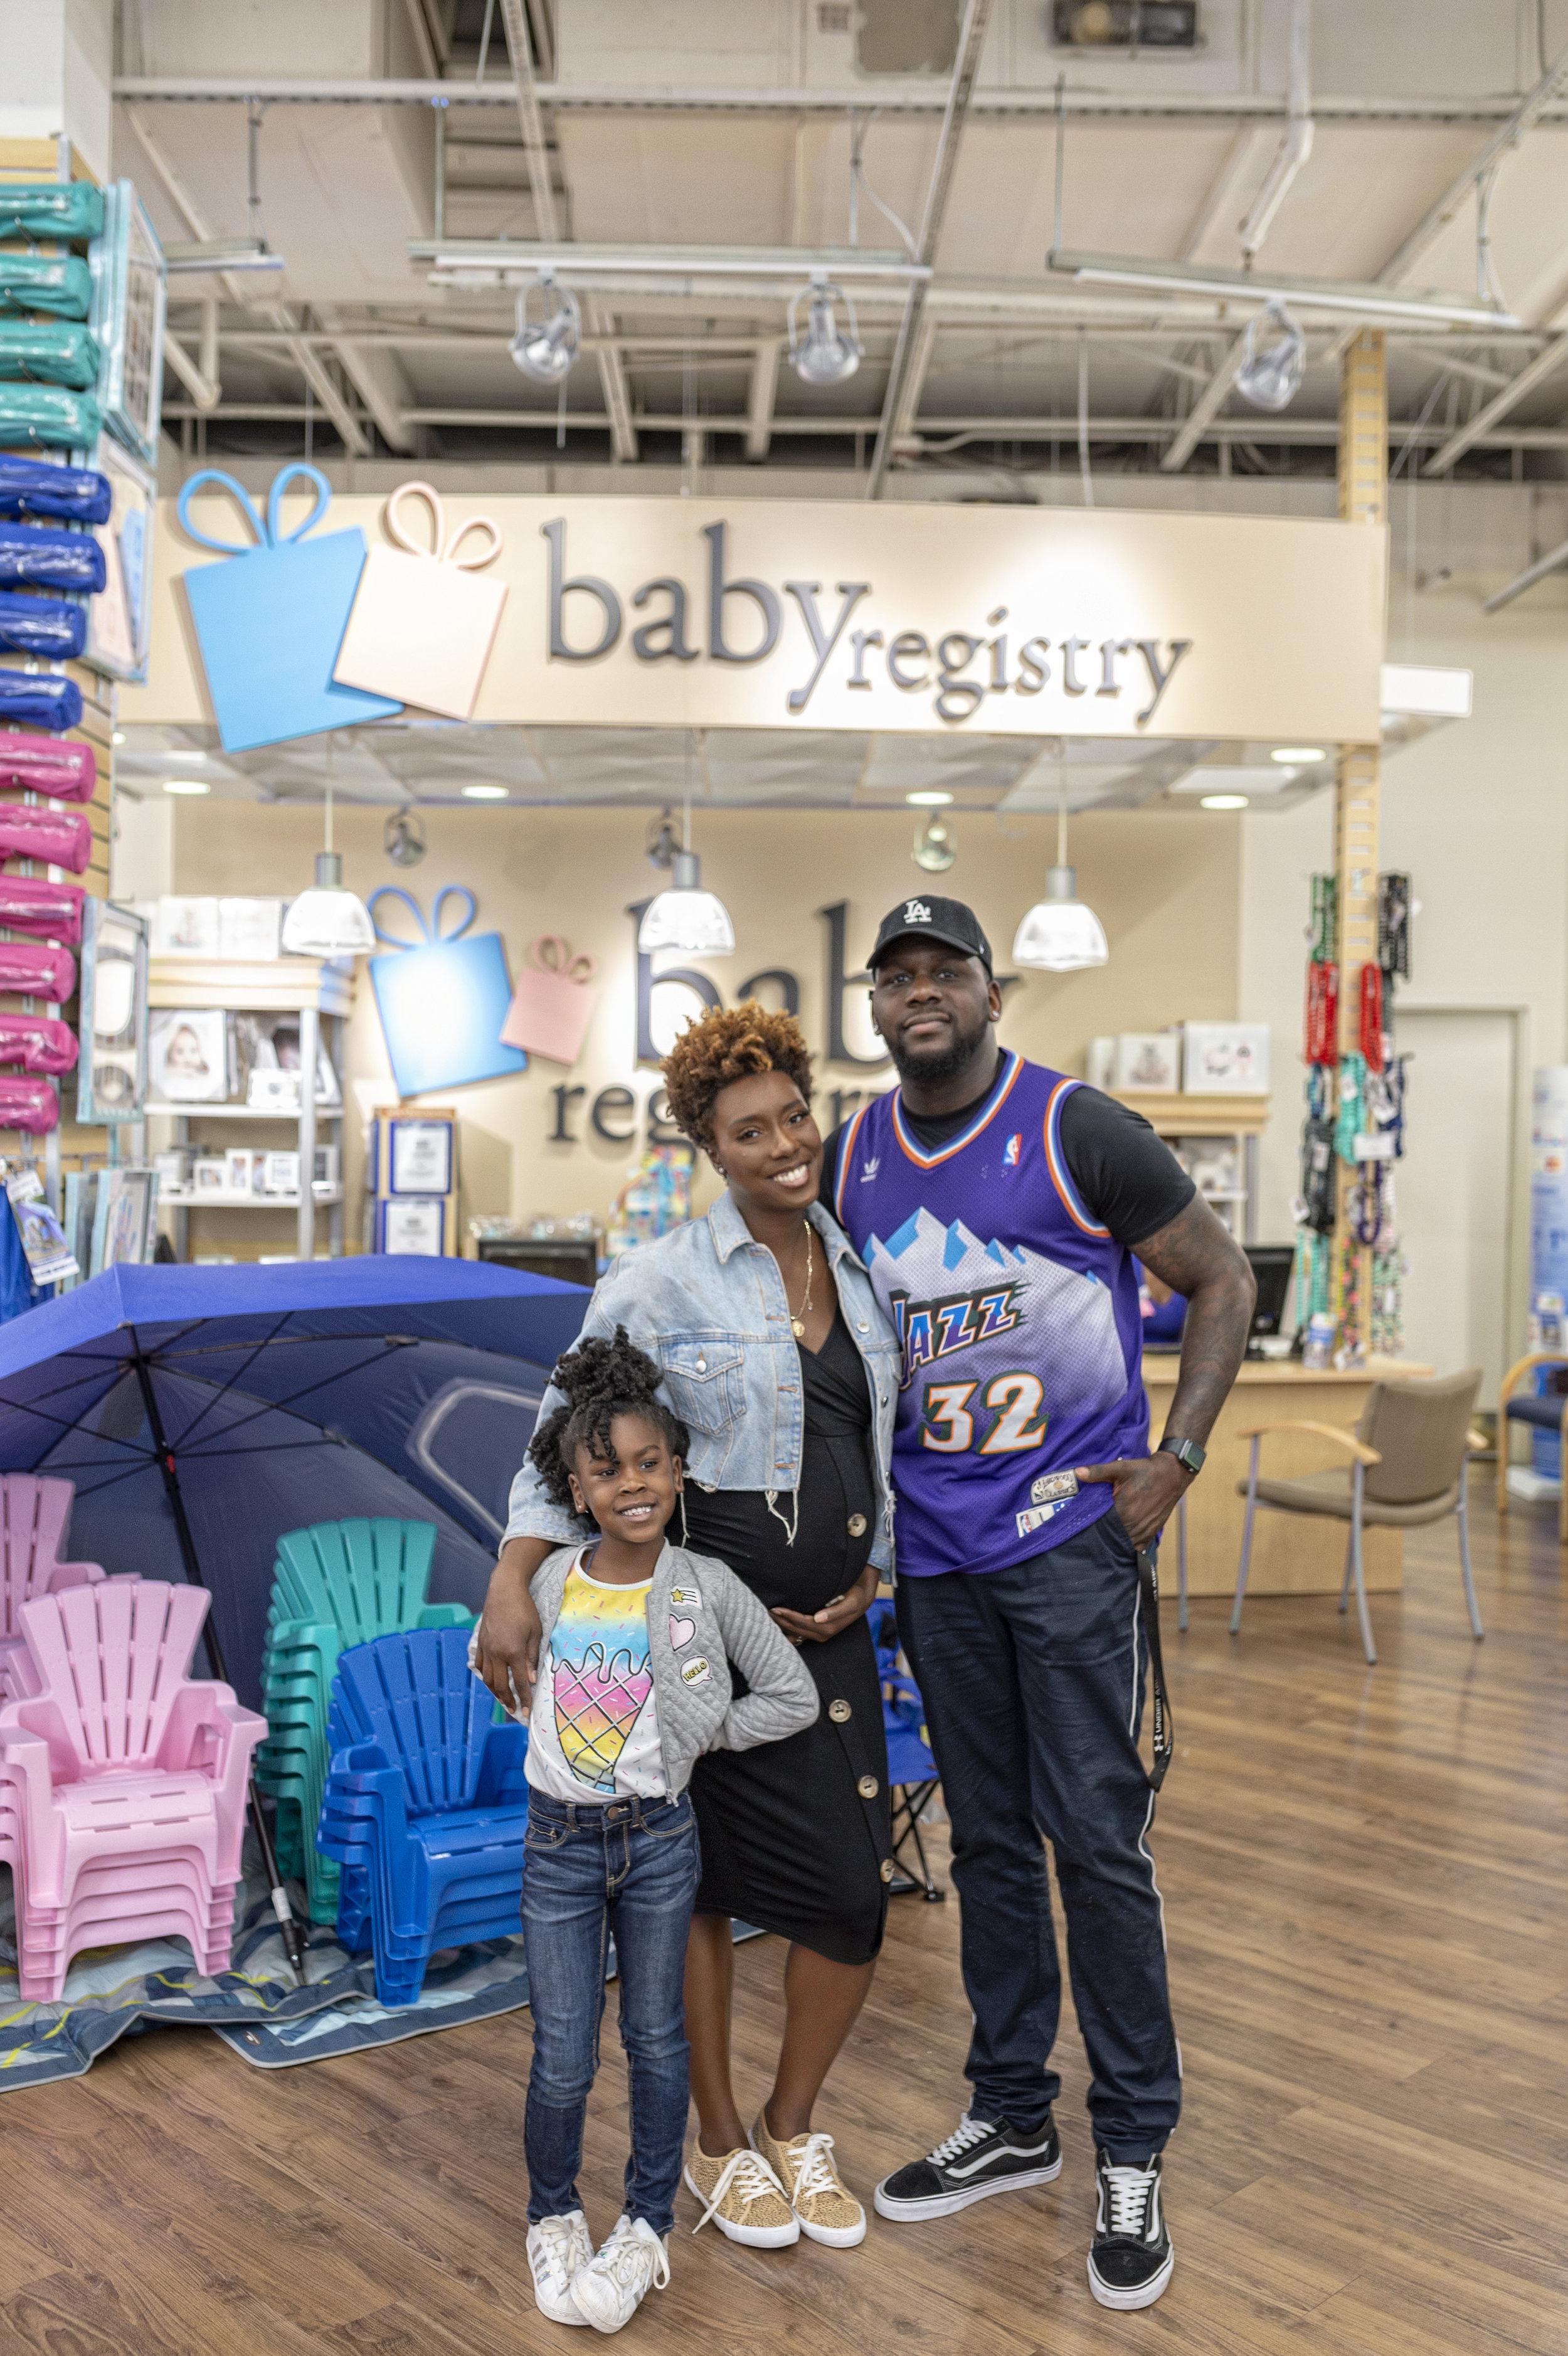 buy-buy-baby-registry-experience-23.jpg